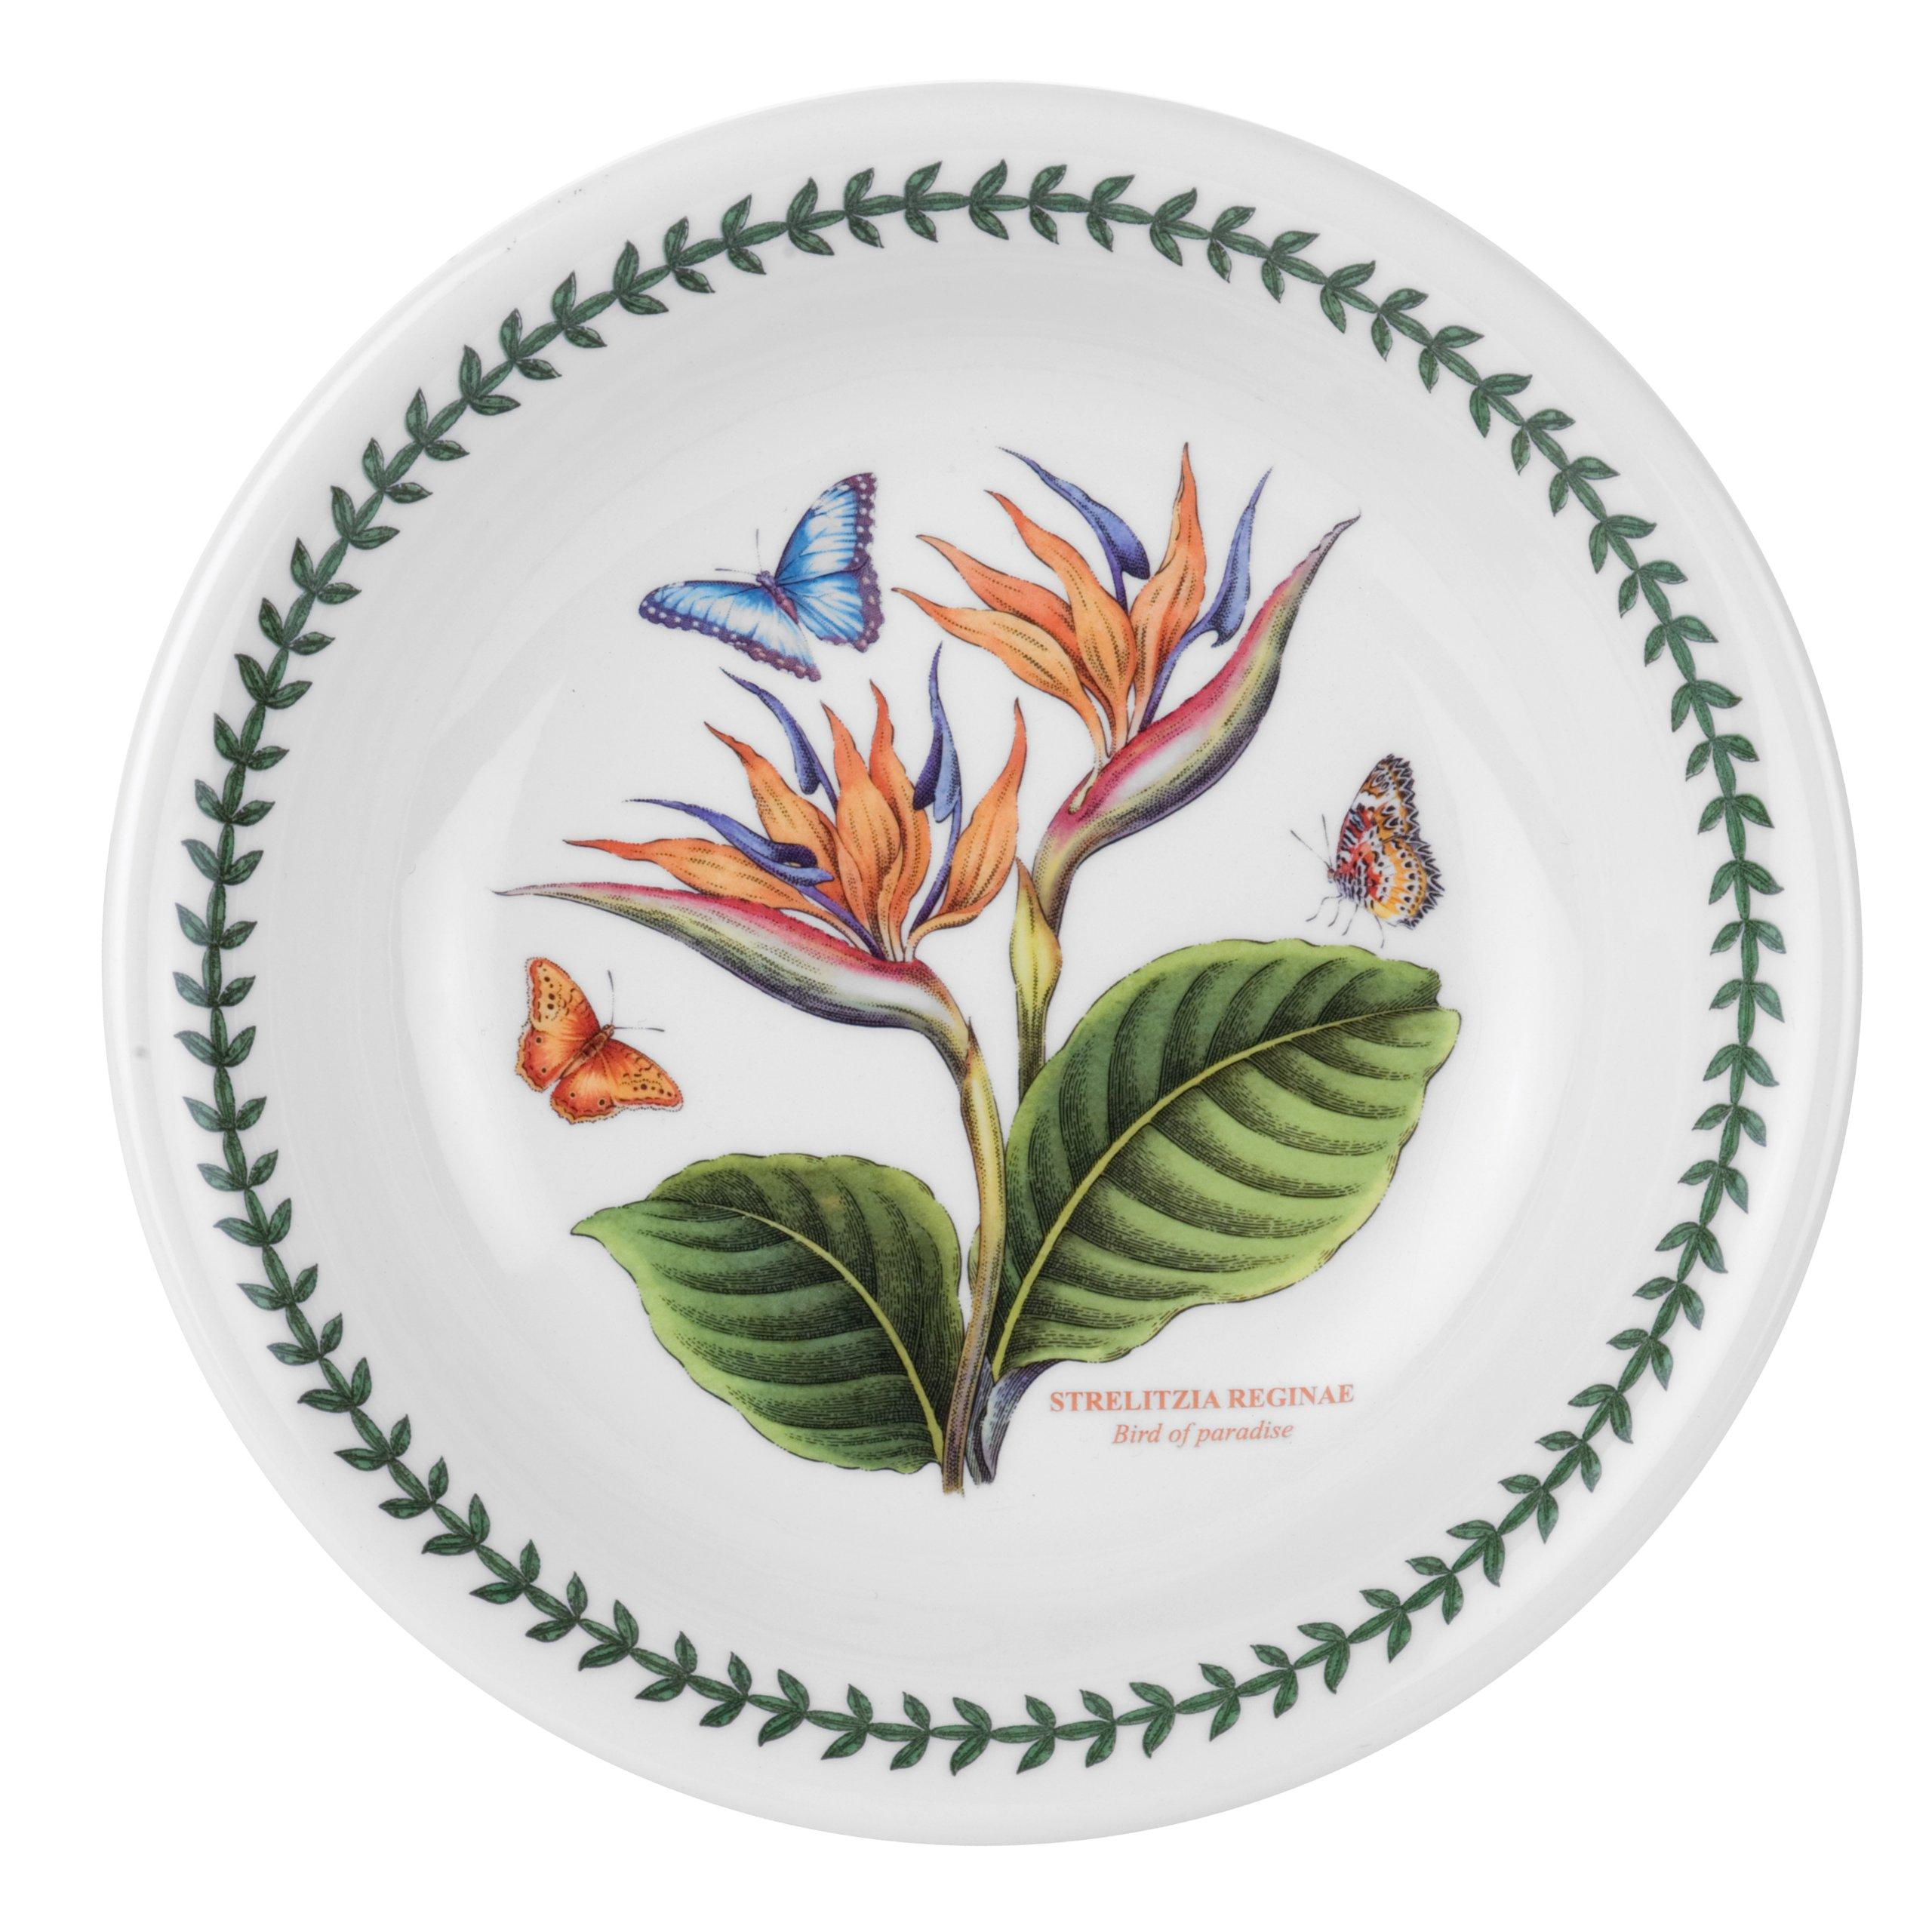 Portmeirion Exotic Botanic Garden Pasta Bowl with Bird of Paradise Motif, Set of 6 by Portmeirion